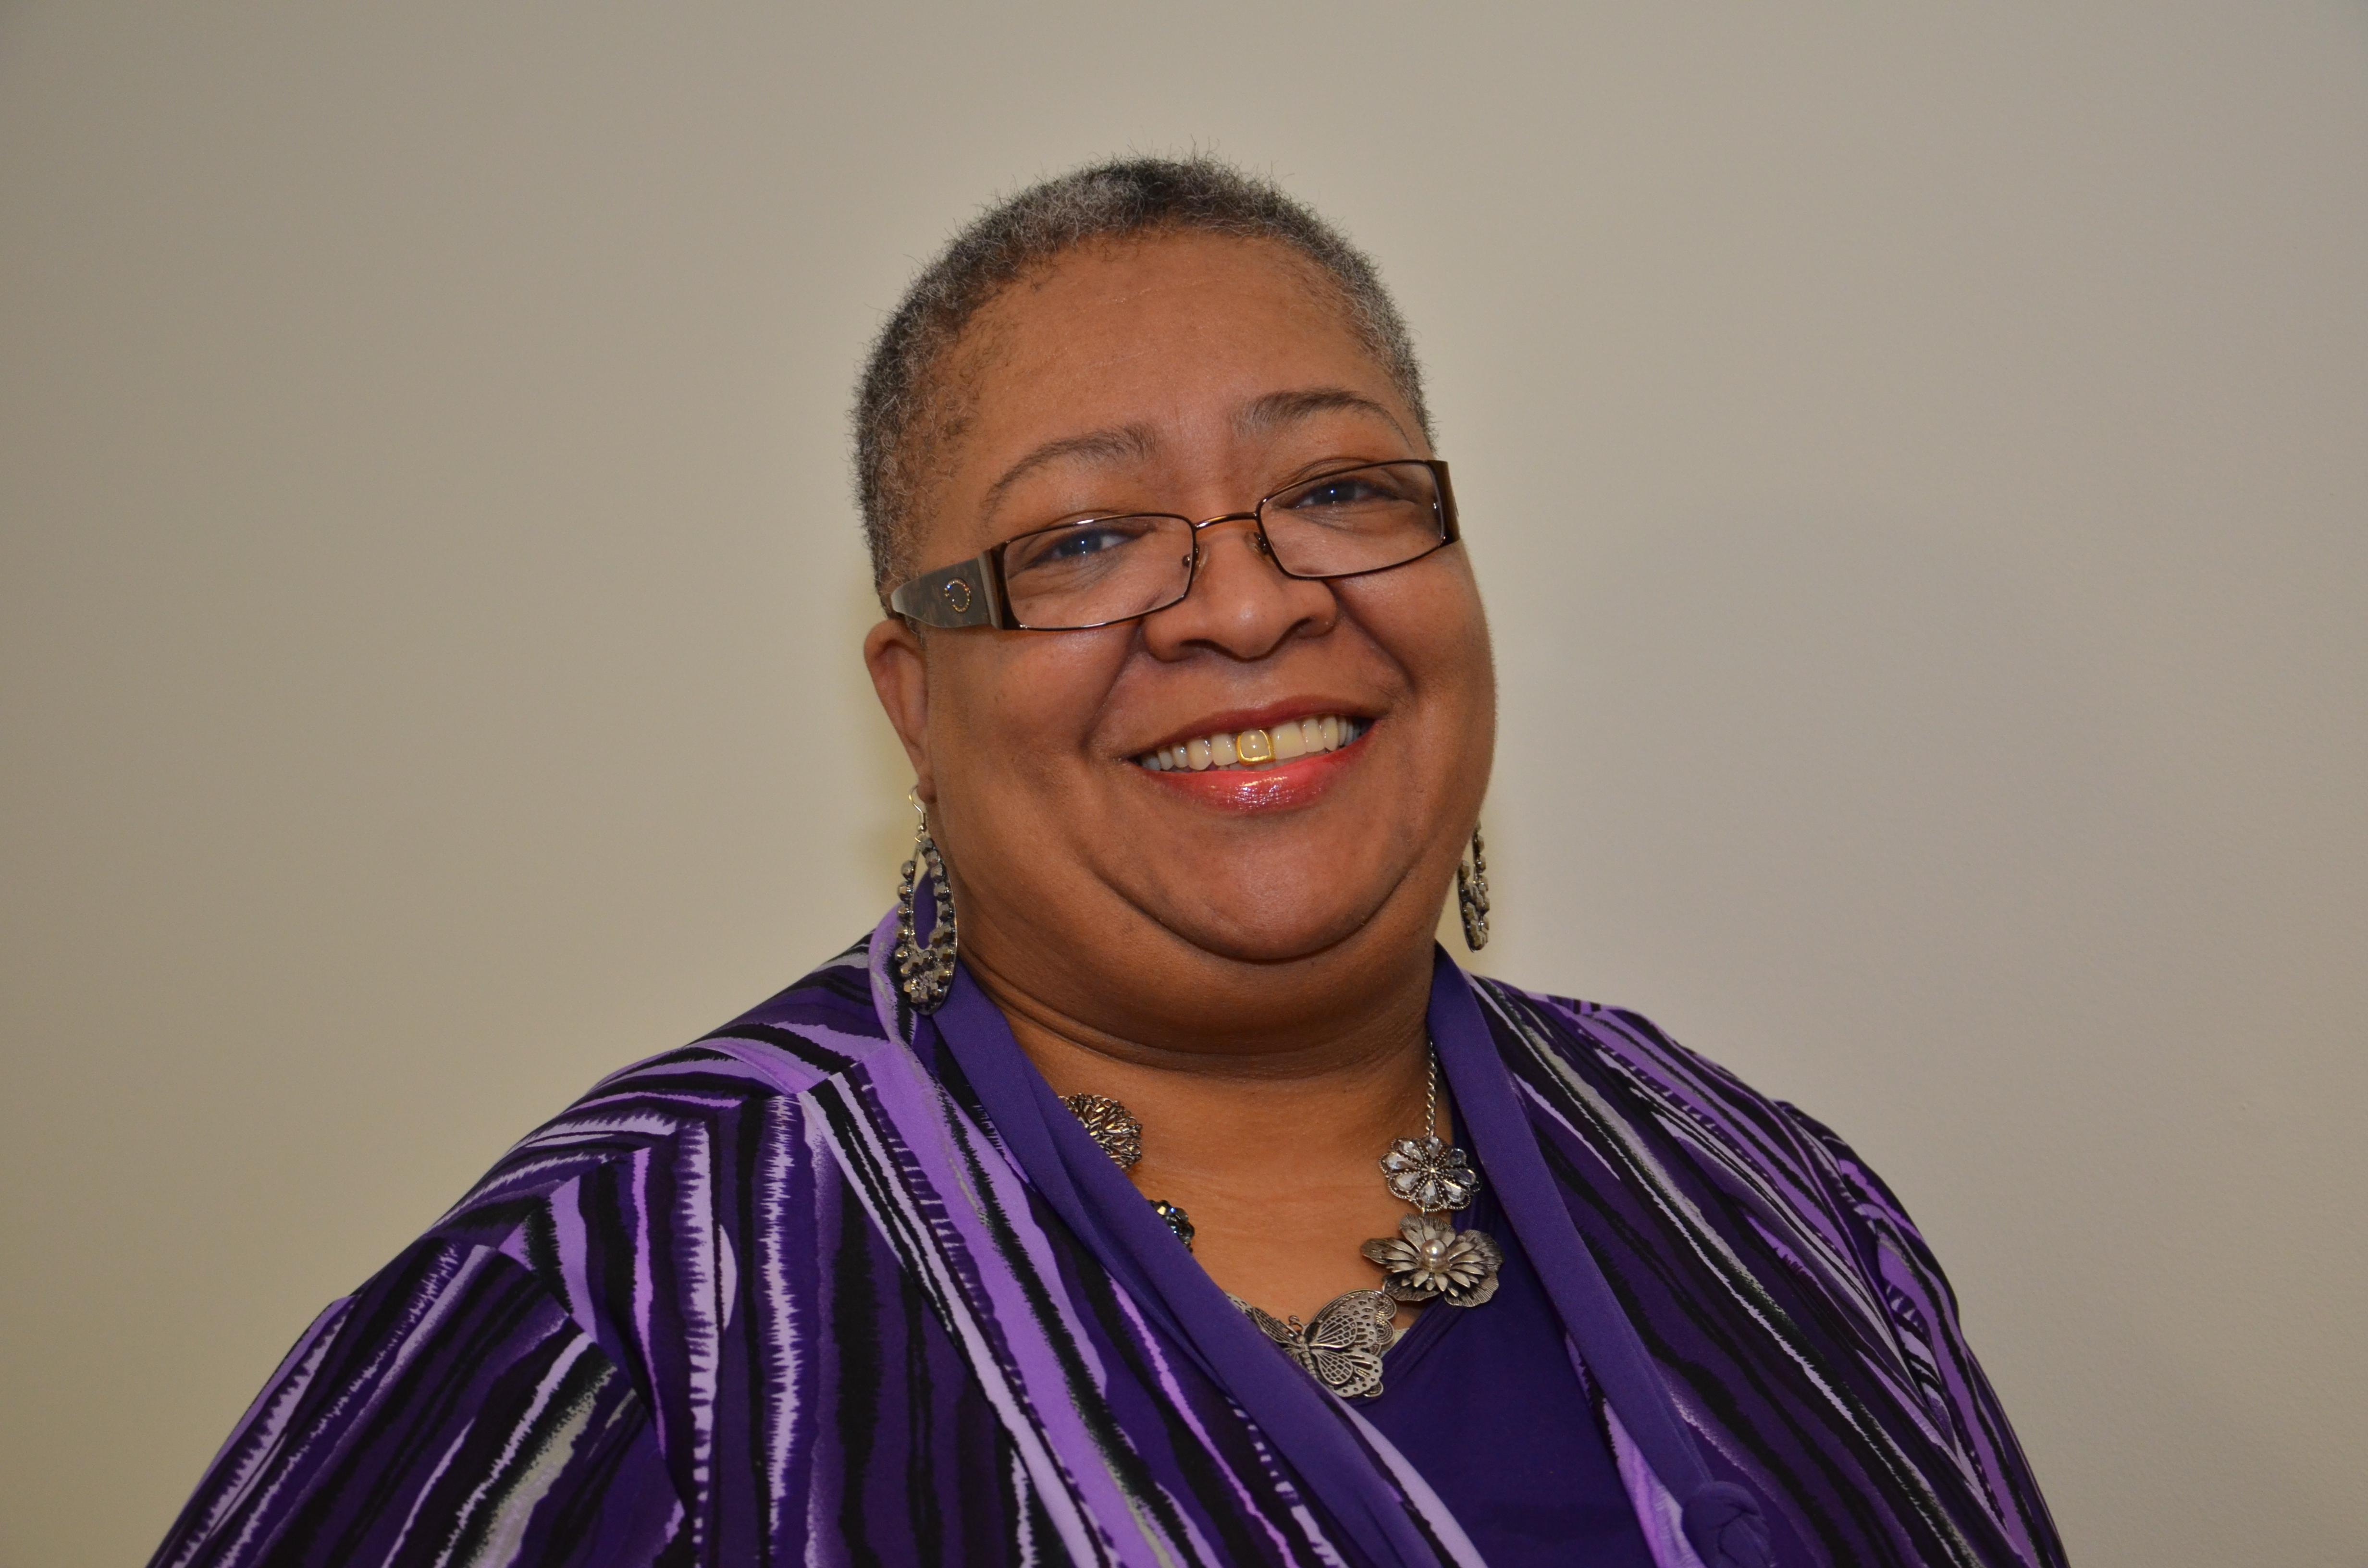 Minister Annie Shear